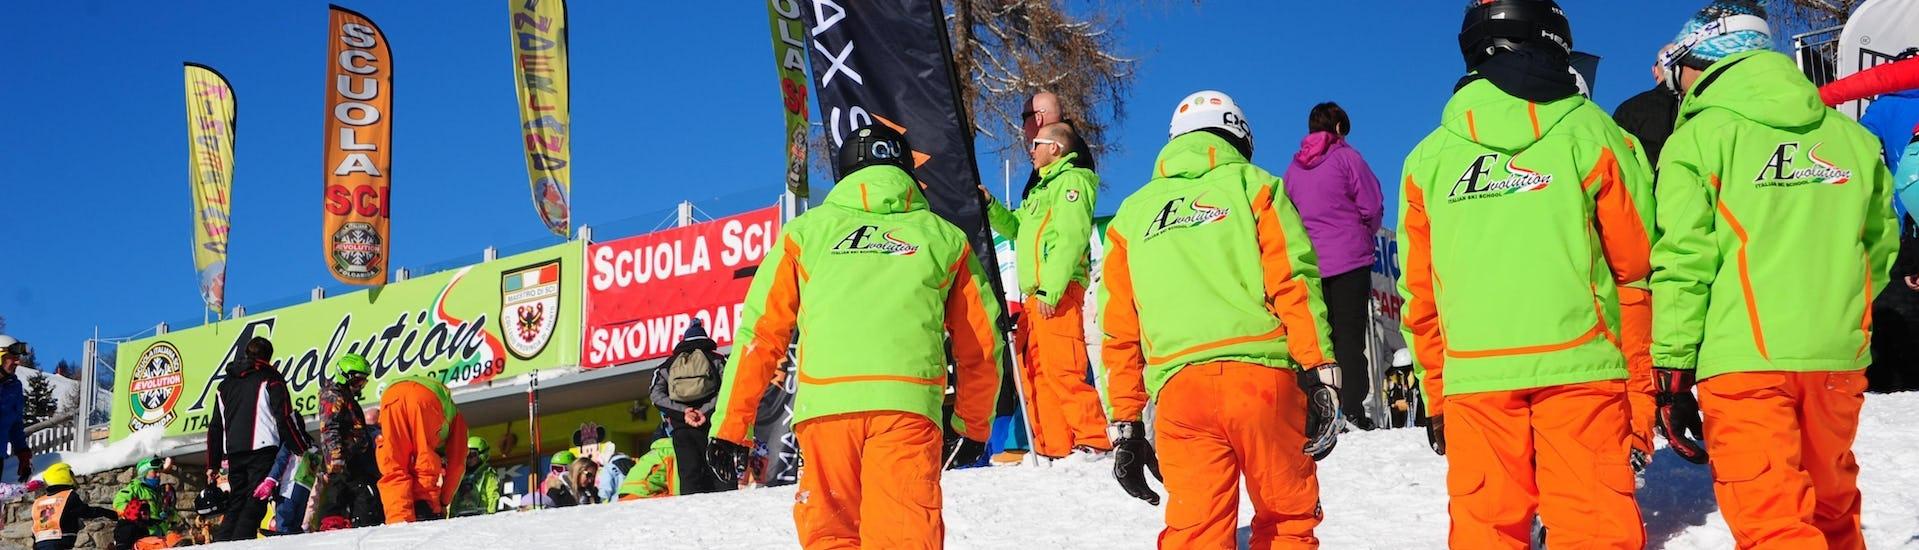 Privater Skikurs für Erwachsene - Alle Levels der Skischule Aevolution Folgarida sind fertig, die Skilehrer gehen zurück in die Skischule.